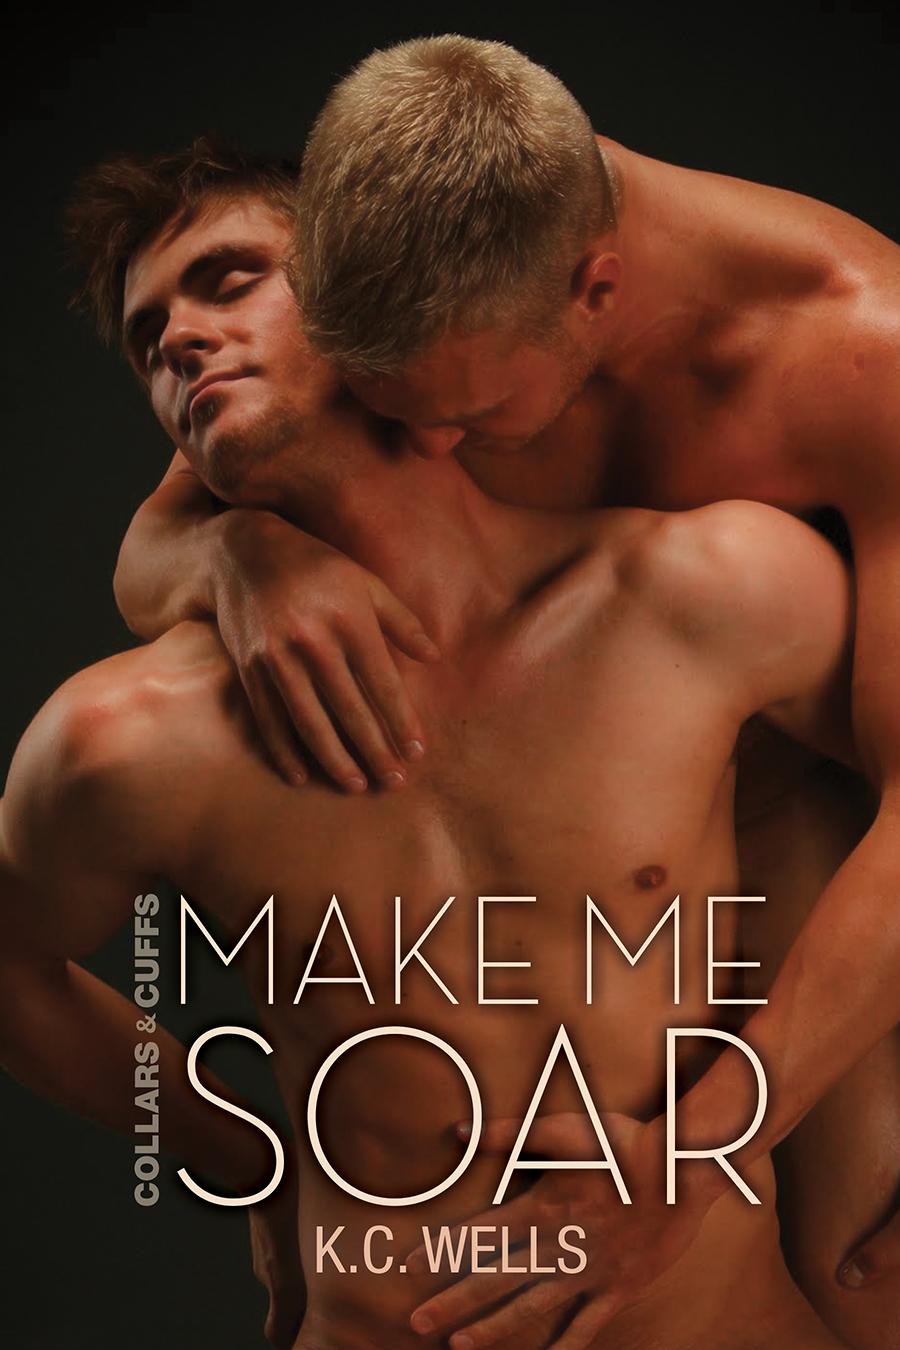 Make Me Soar